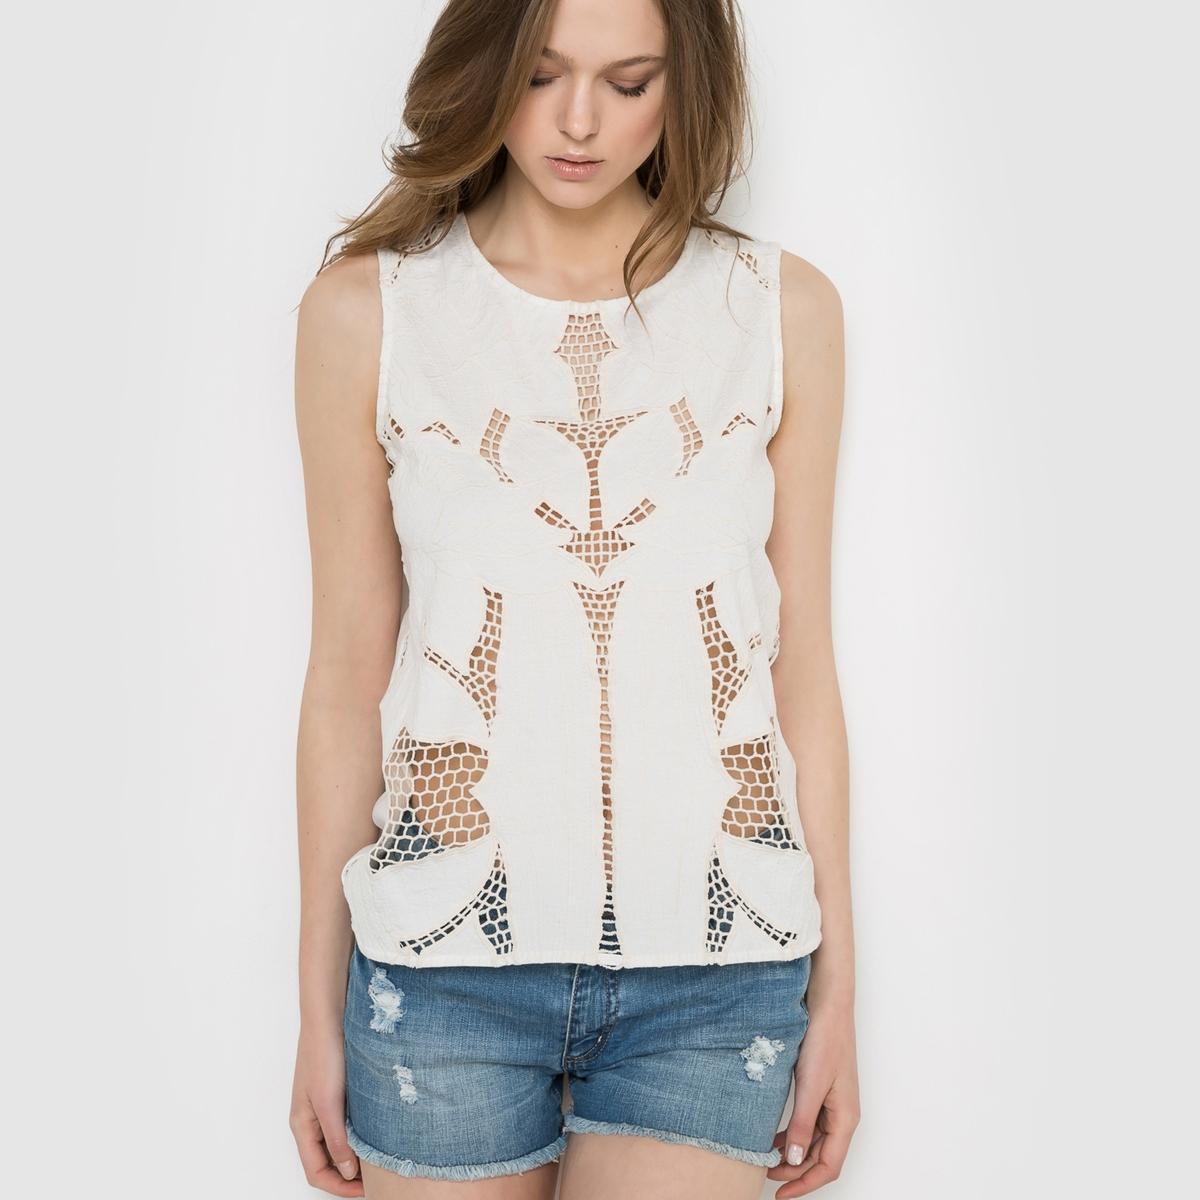 Блузка без рукавов с ажурной вышивкой VERO MODA REGINAСостав и описание :Материал : 100% хлопокМарка : VERO MODA<br><br>Цвет: белый